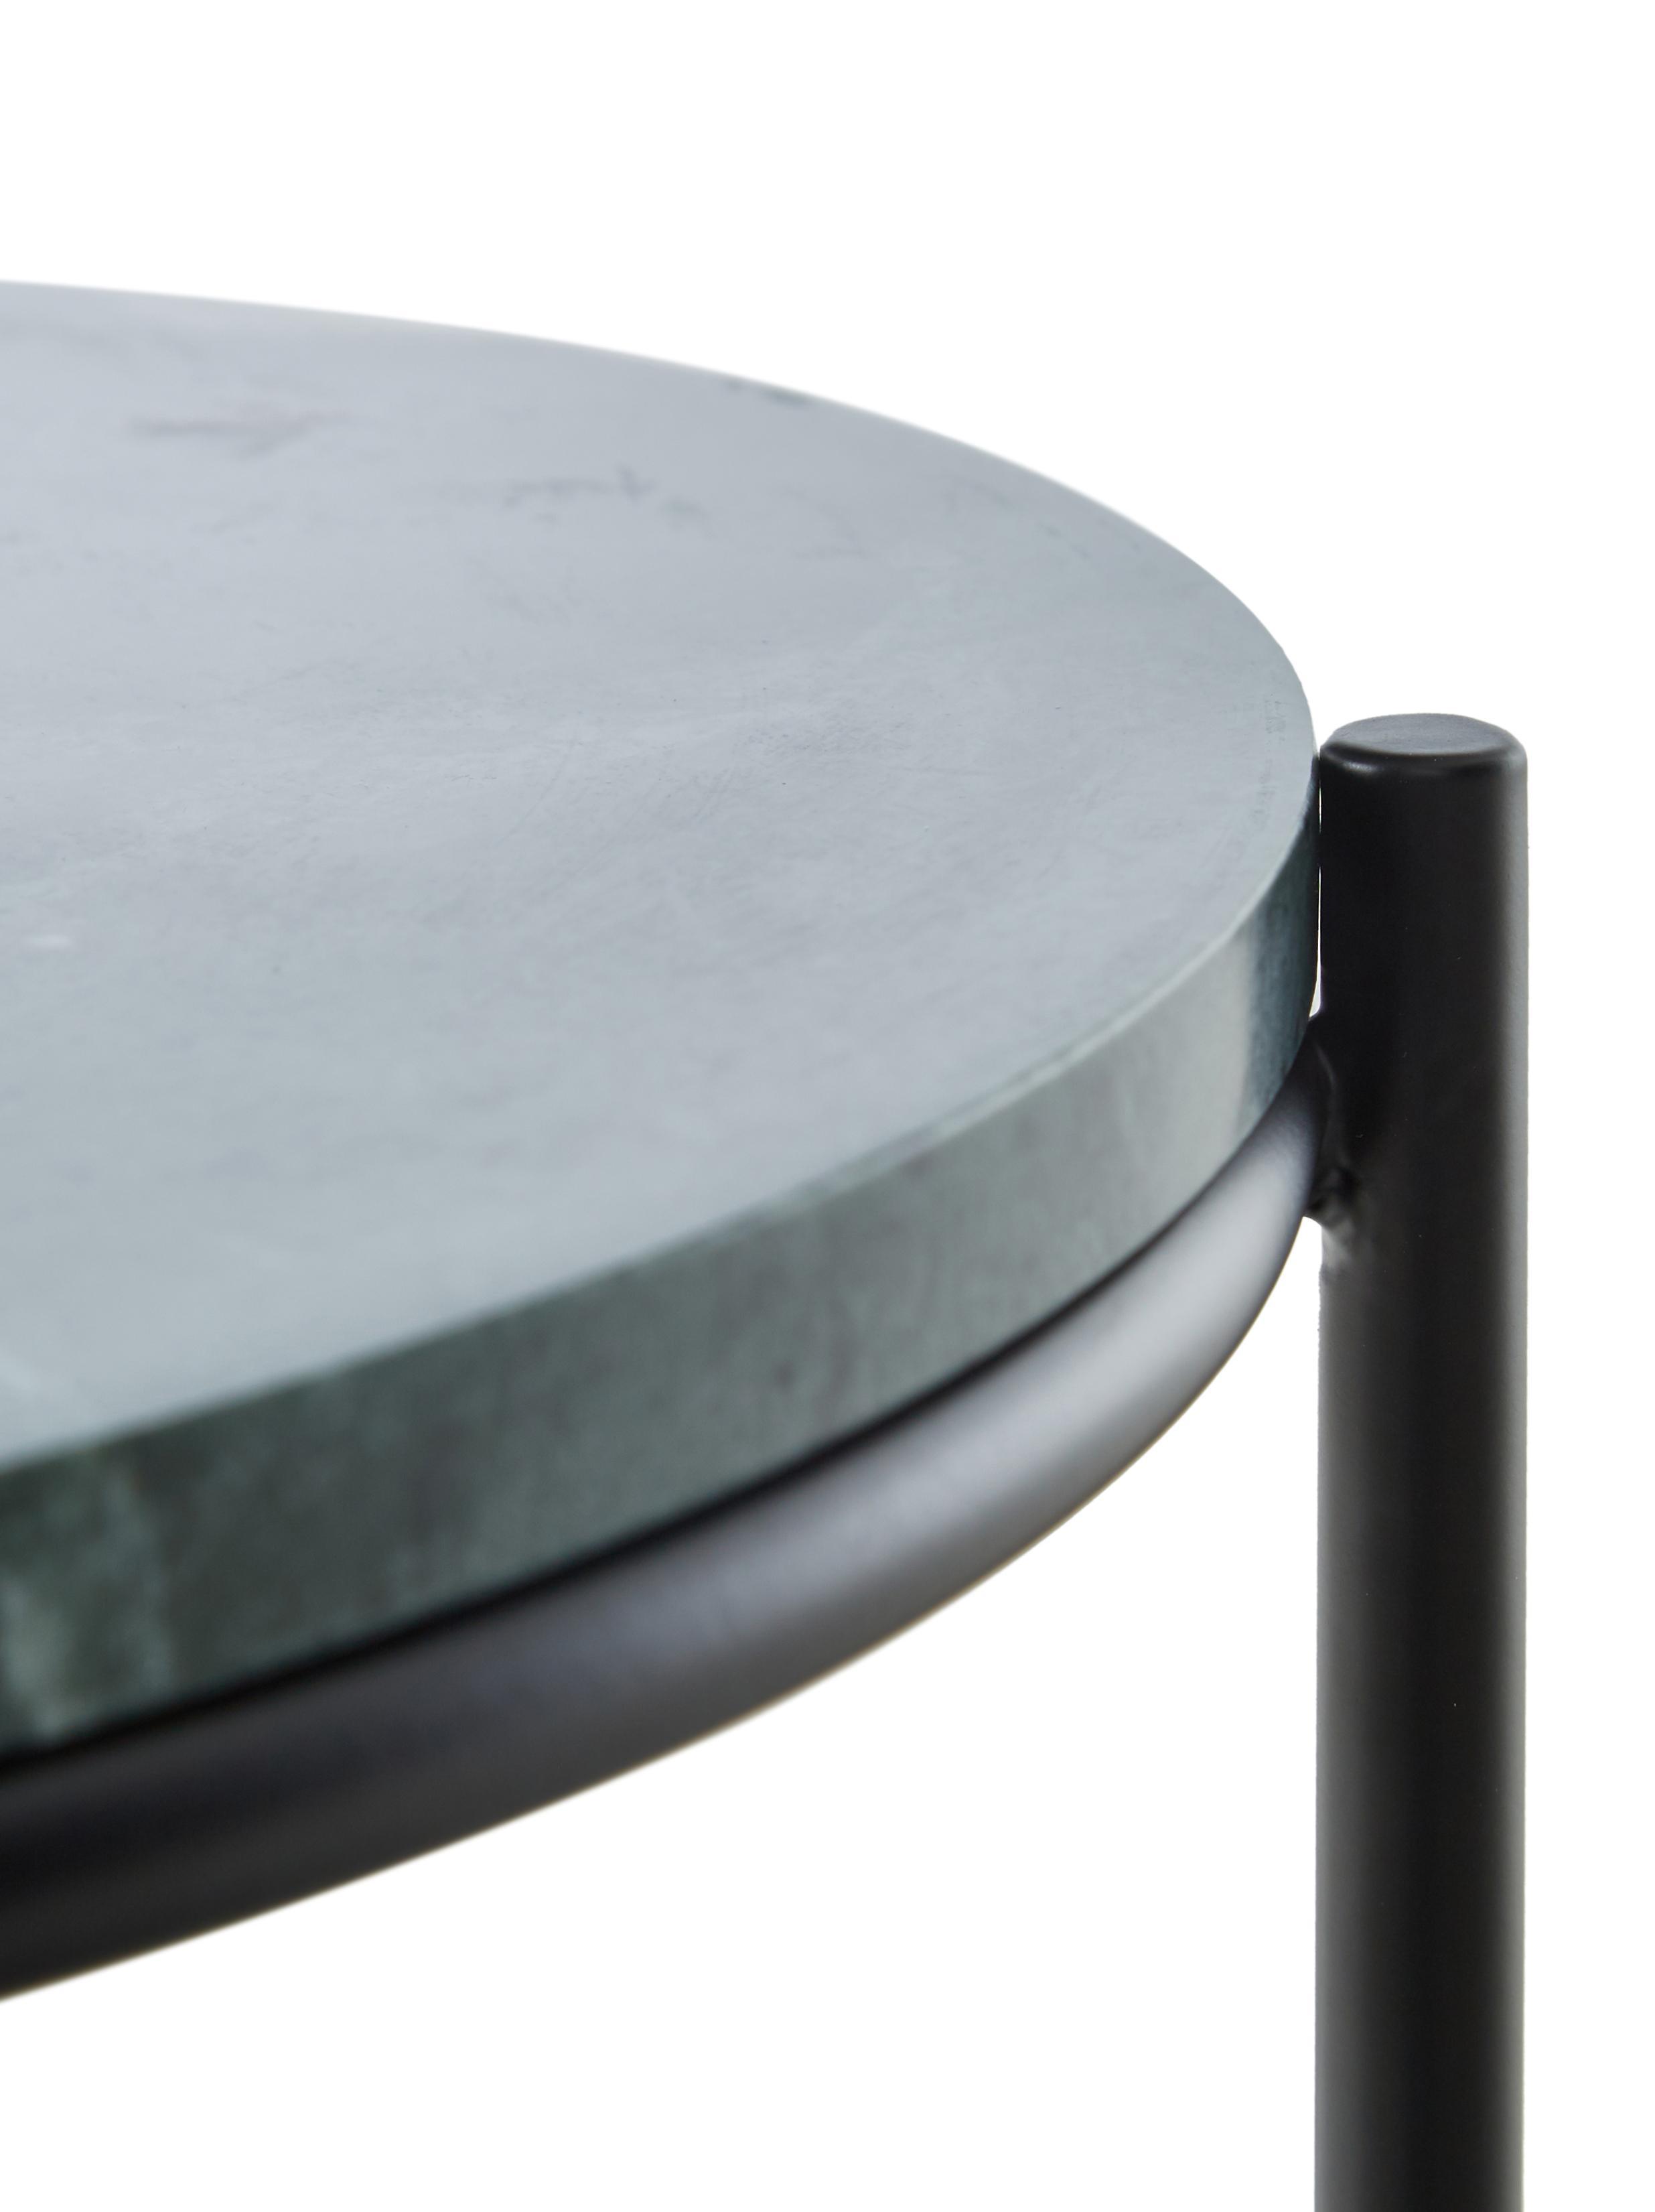 Runder Marmor-Beistelltisch Ella, Tischplatte: Marmor, Gestell: Metall, pulverbeschichtet, Tischplatte: Grüner Marmor Gestell: Schwarz, matt, Ø 40 x H 50 cm